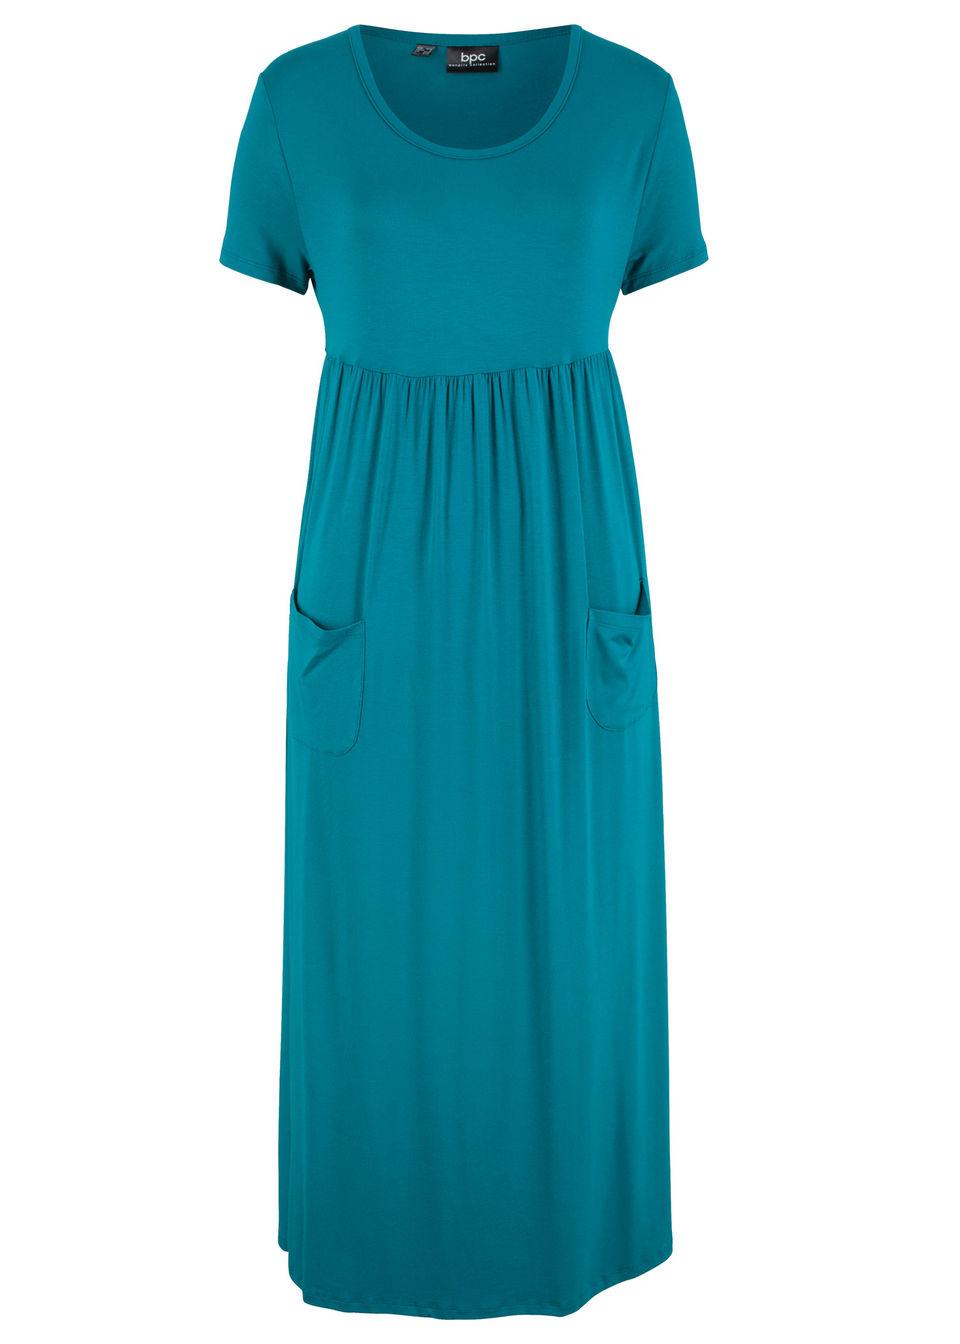 Sukienka midi ze stretchem, z okrągłym dekoltem i krótkim rękawem bonprix morski turkusowy